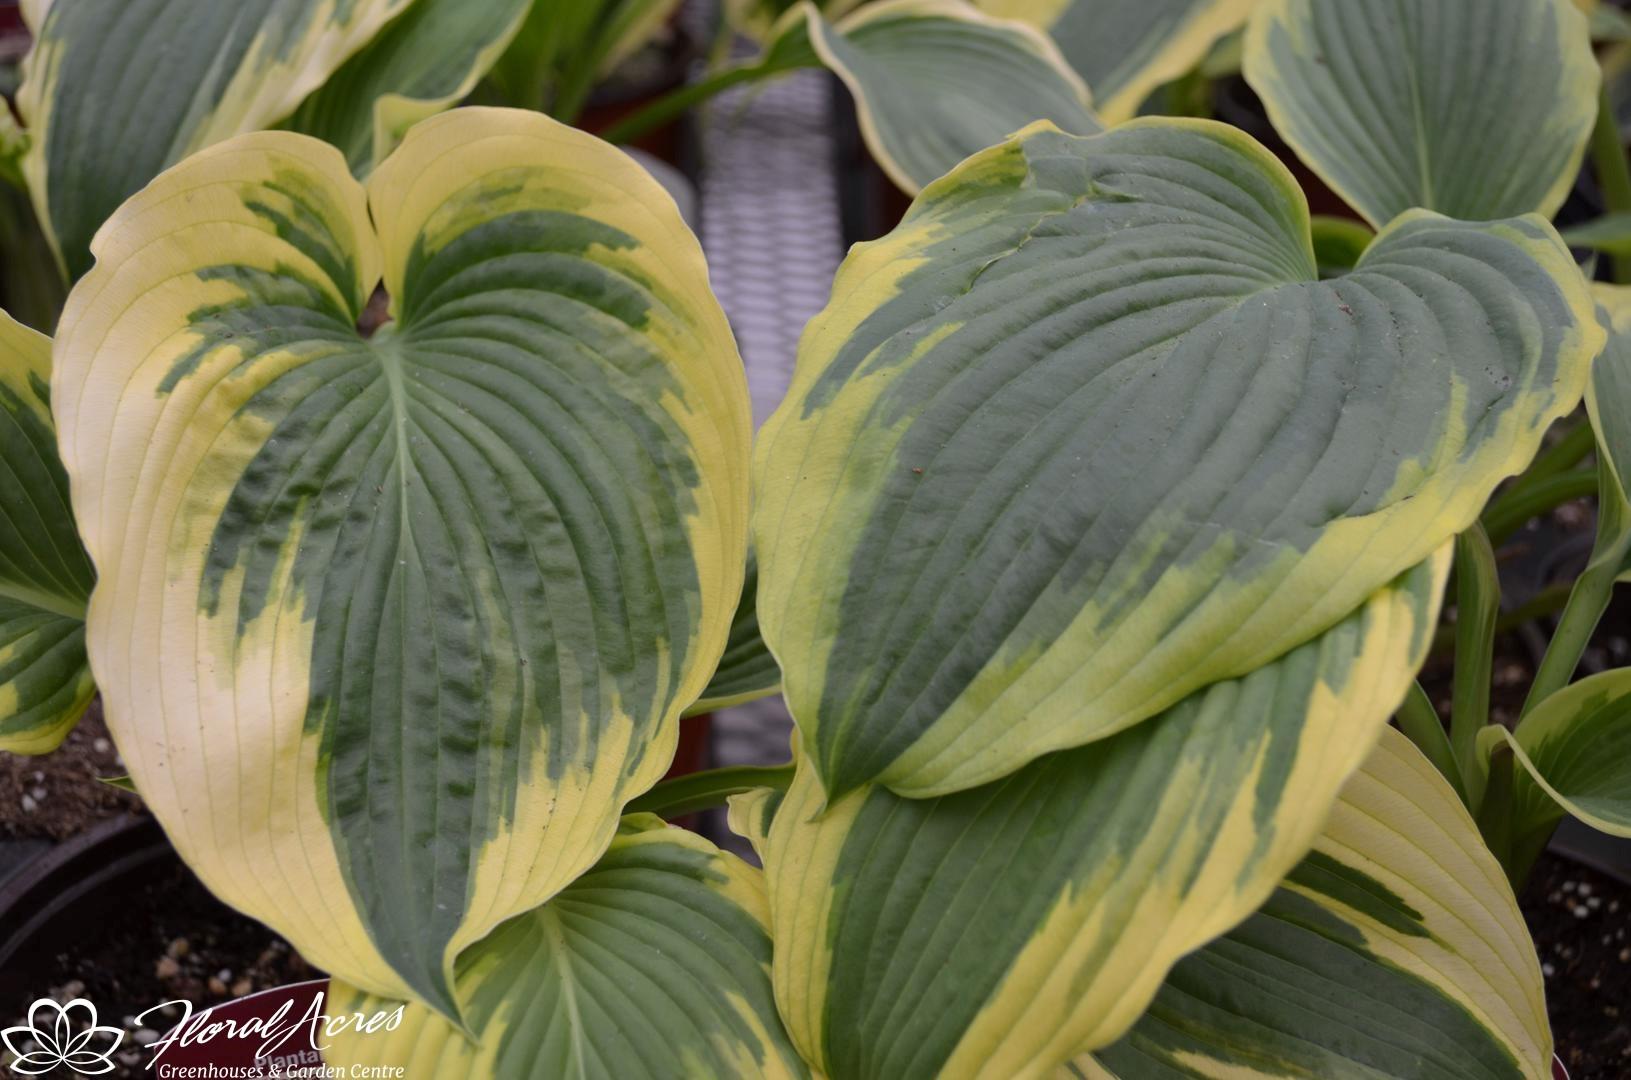 Perennials Floral Acres